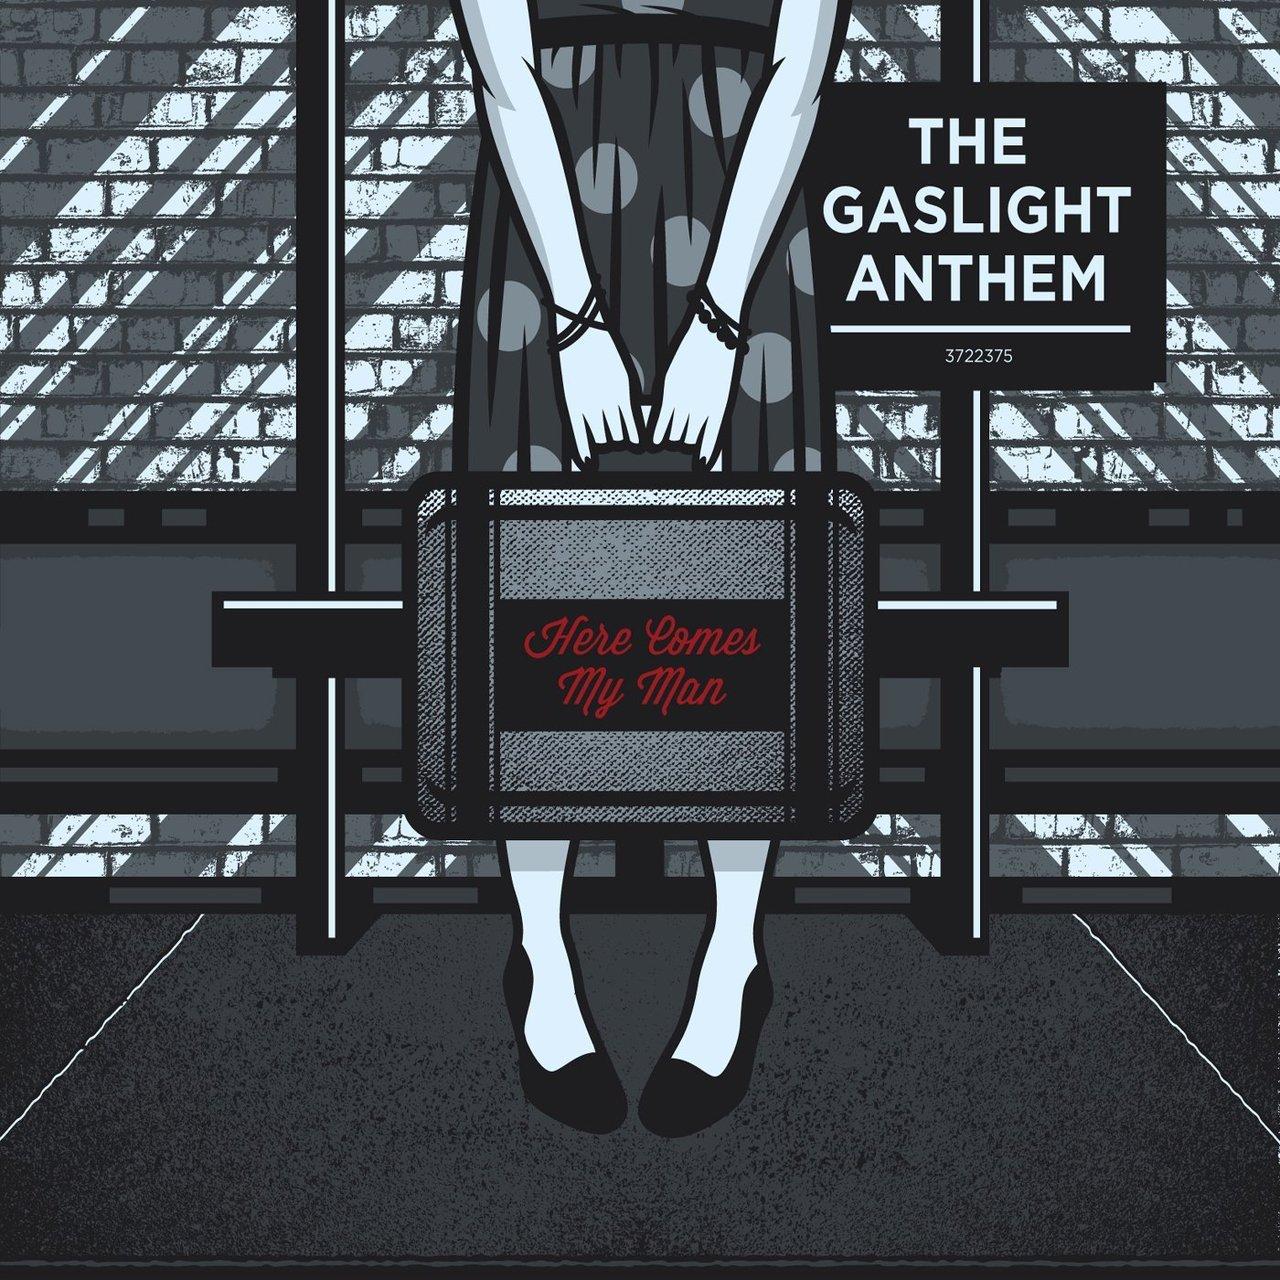 Em novo EP, The Gaslight Anthem faz versão de Bon Iver